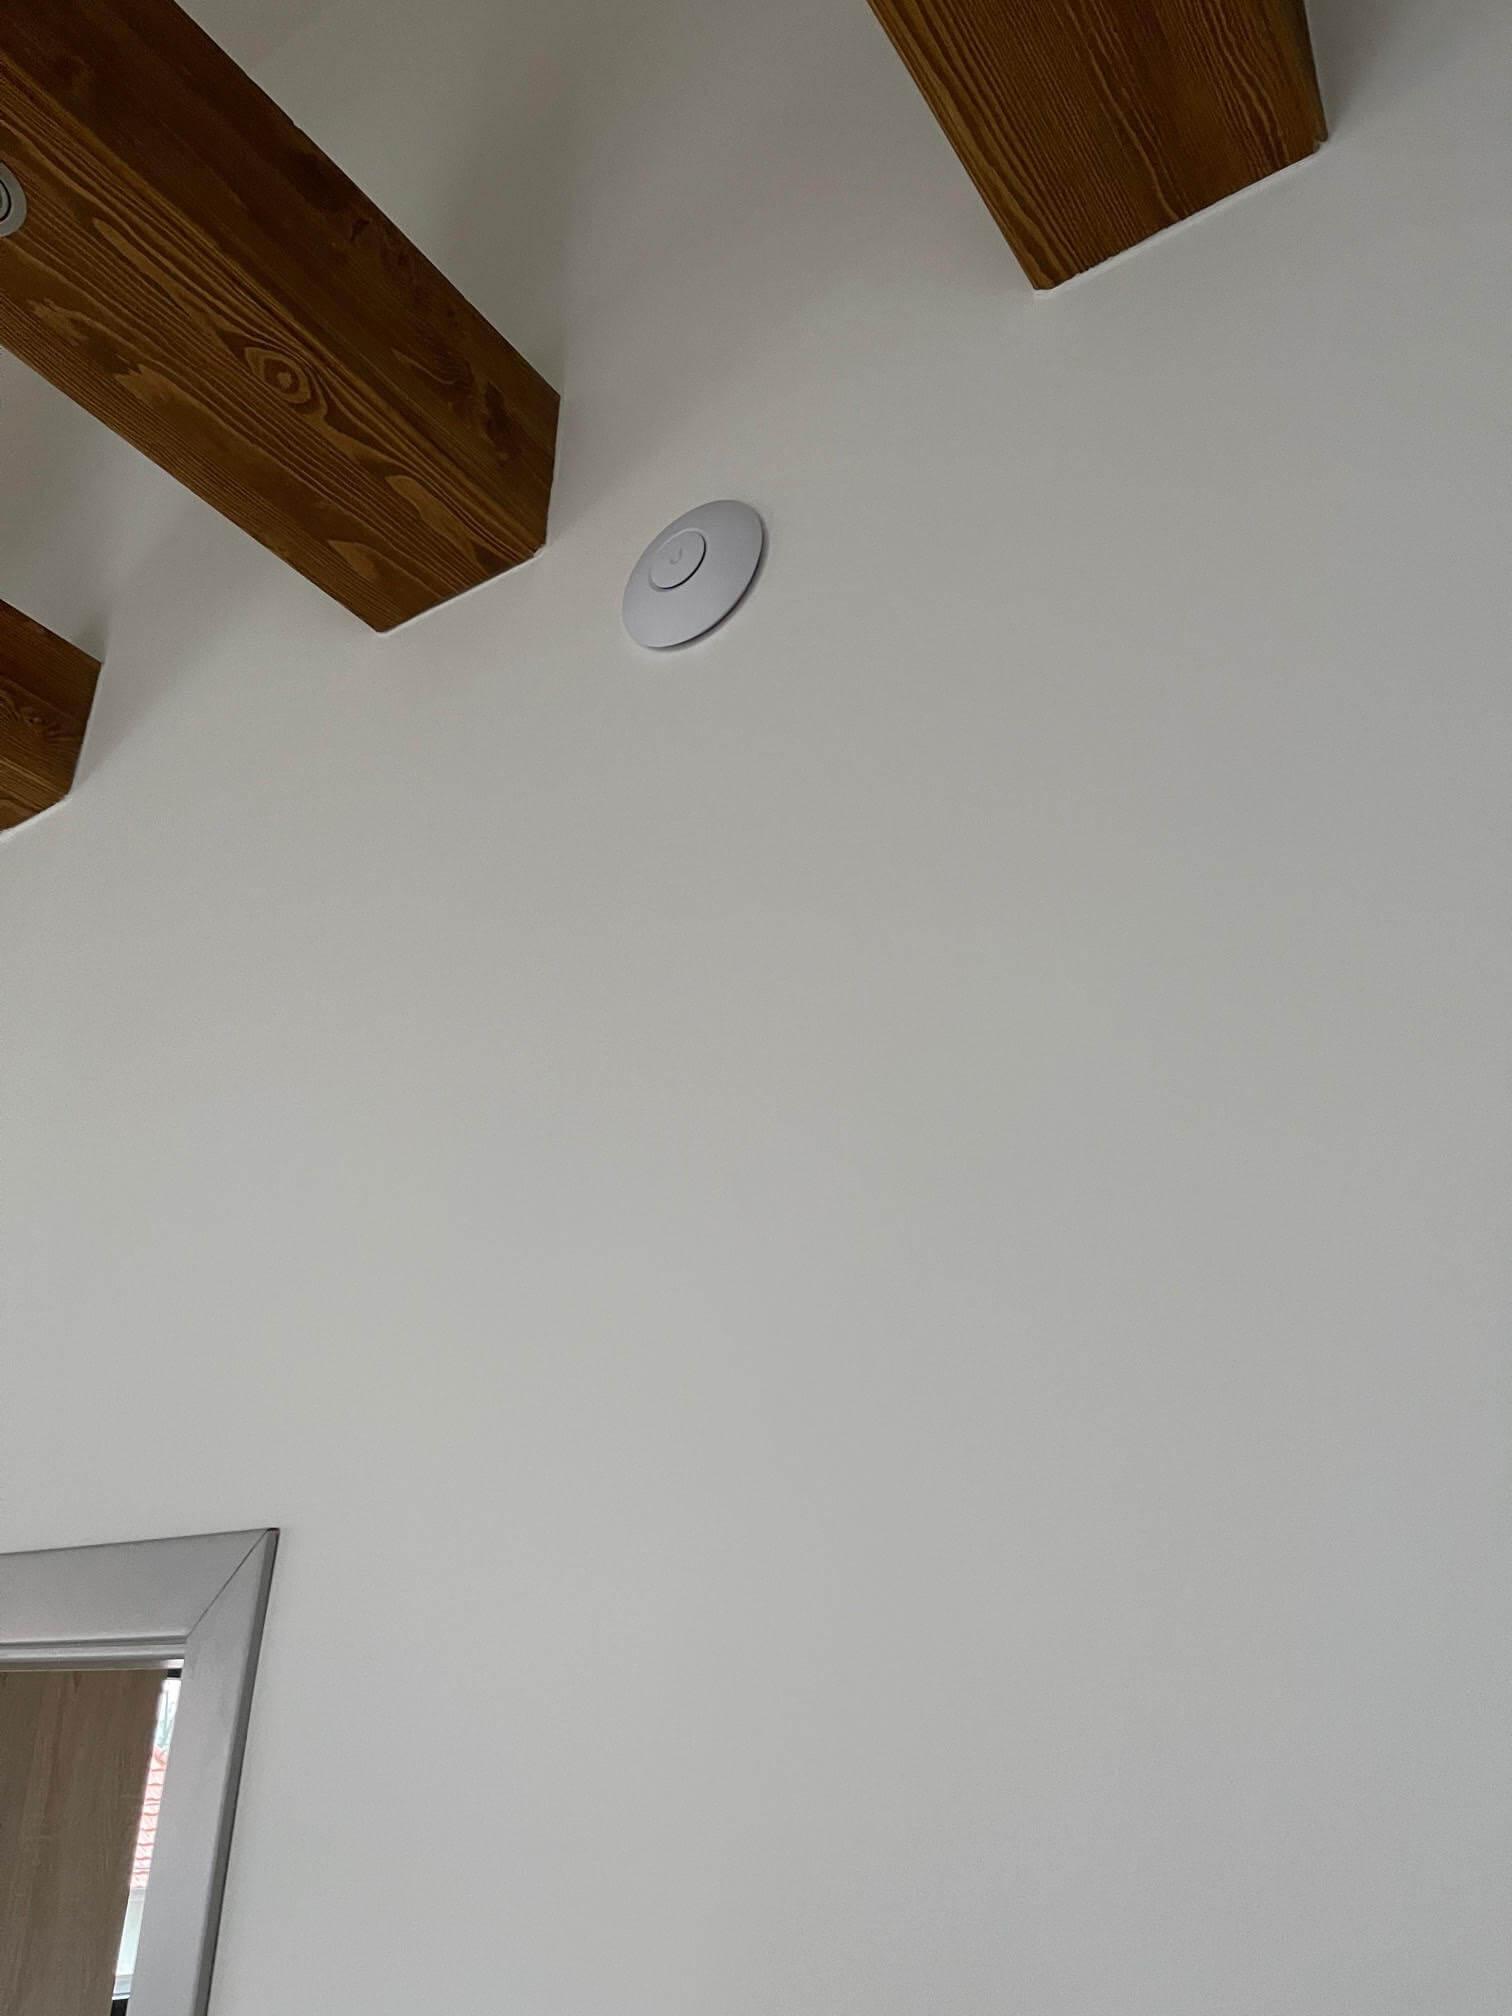 Na predaj novostavba, 2 izbový byt v Malackách, Kukučínová ulica,60m2, terasa 30m2, 2x parkovacie miesto-7